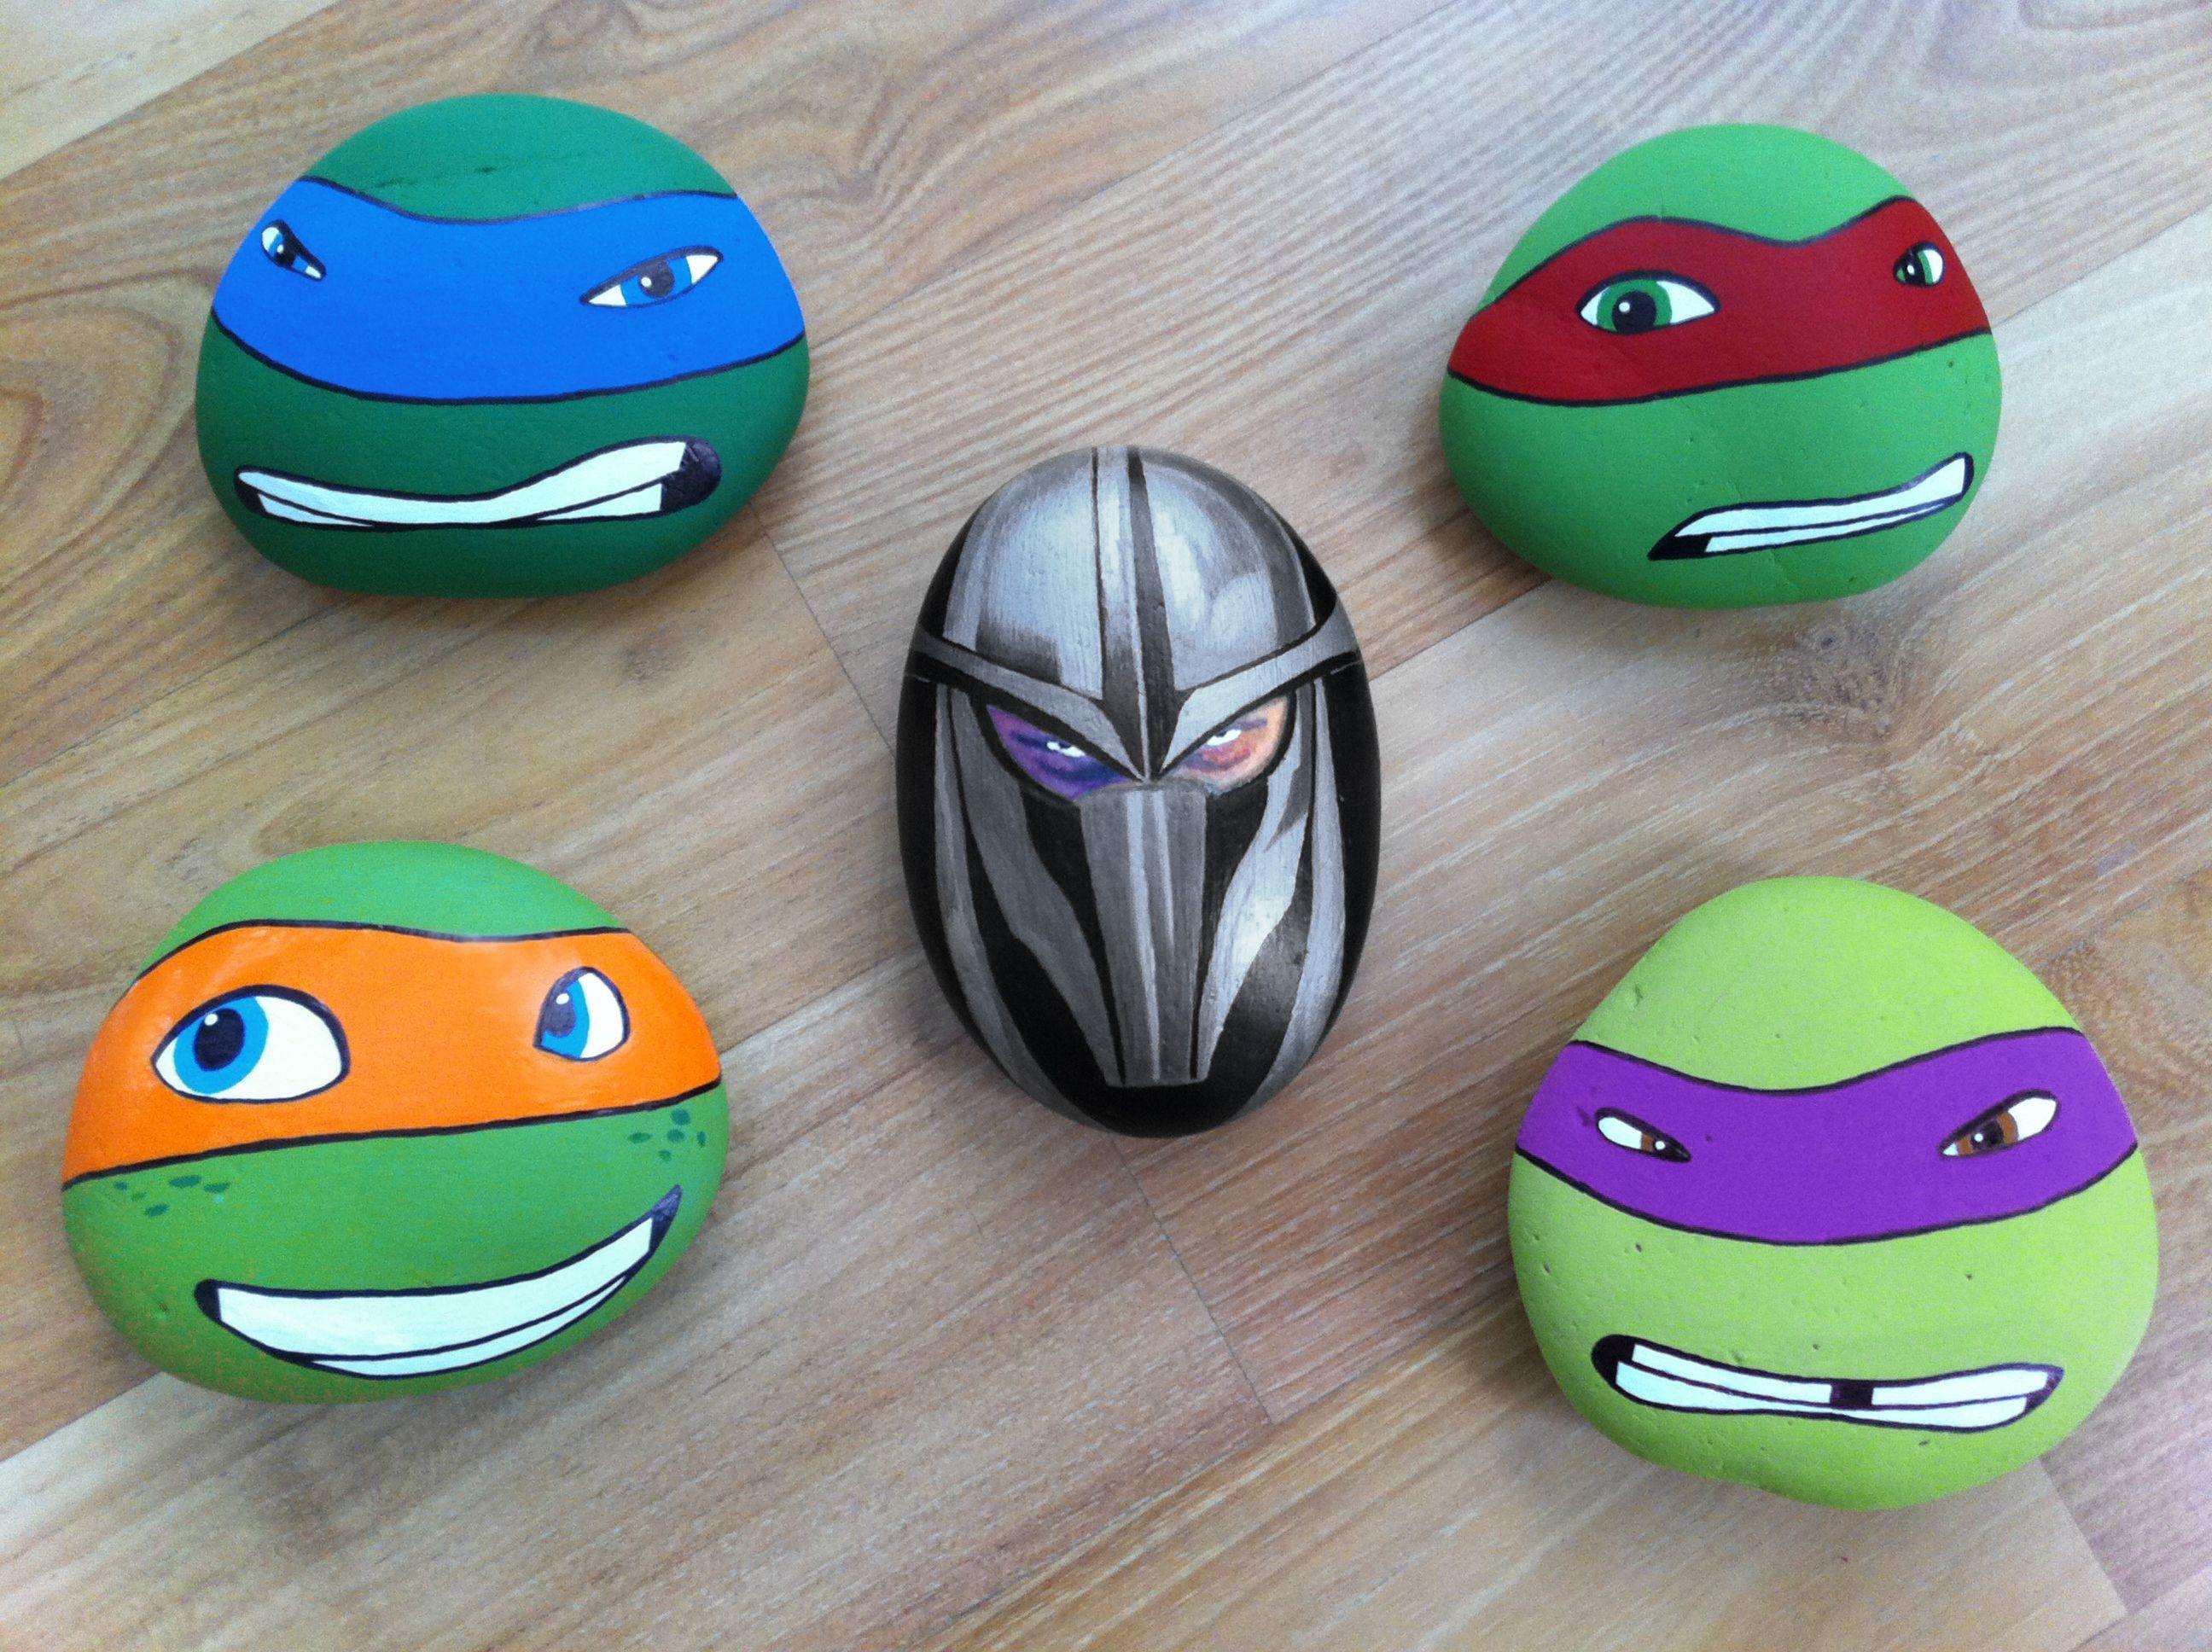 Hand Painted Rocks Of Ninja Turtles And Shredder Painted Rocks Kids Rock Painting Patterns Turtle Painted Rocks